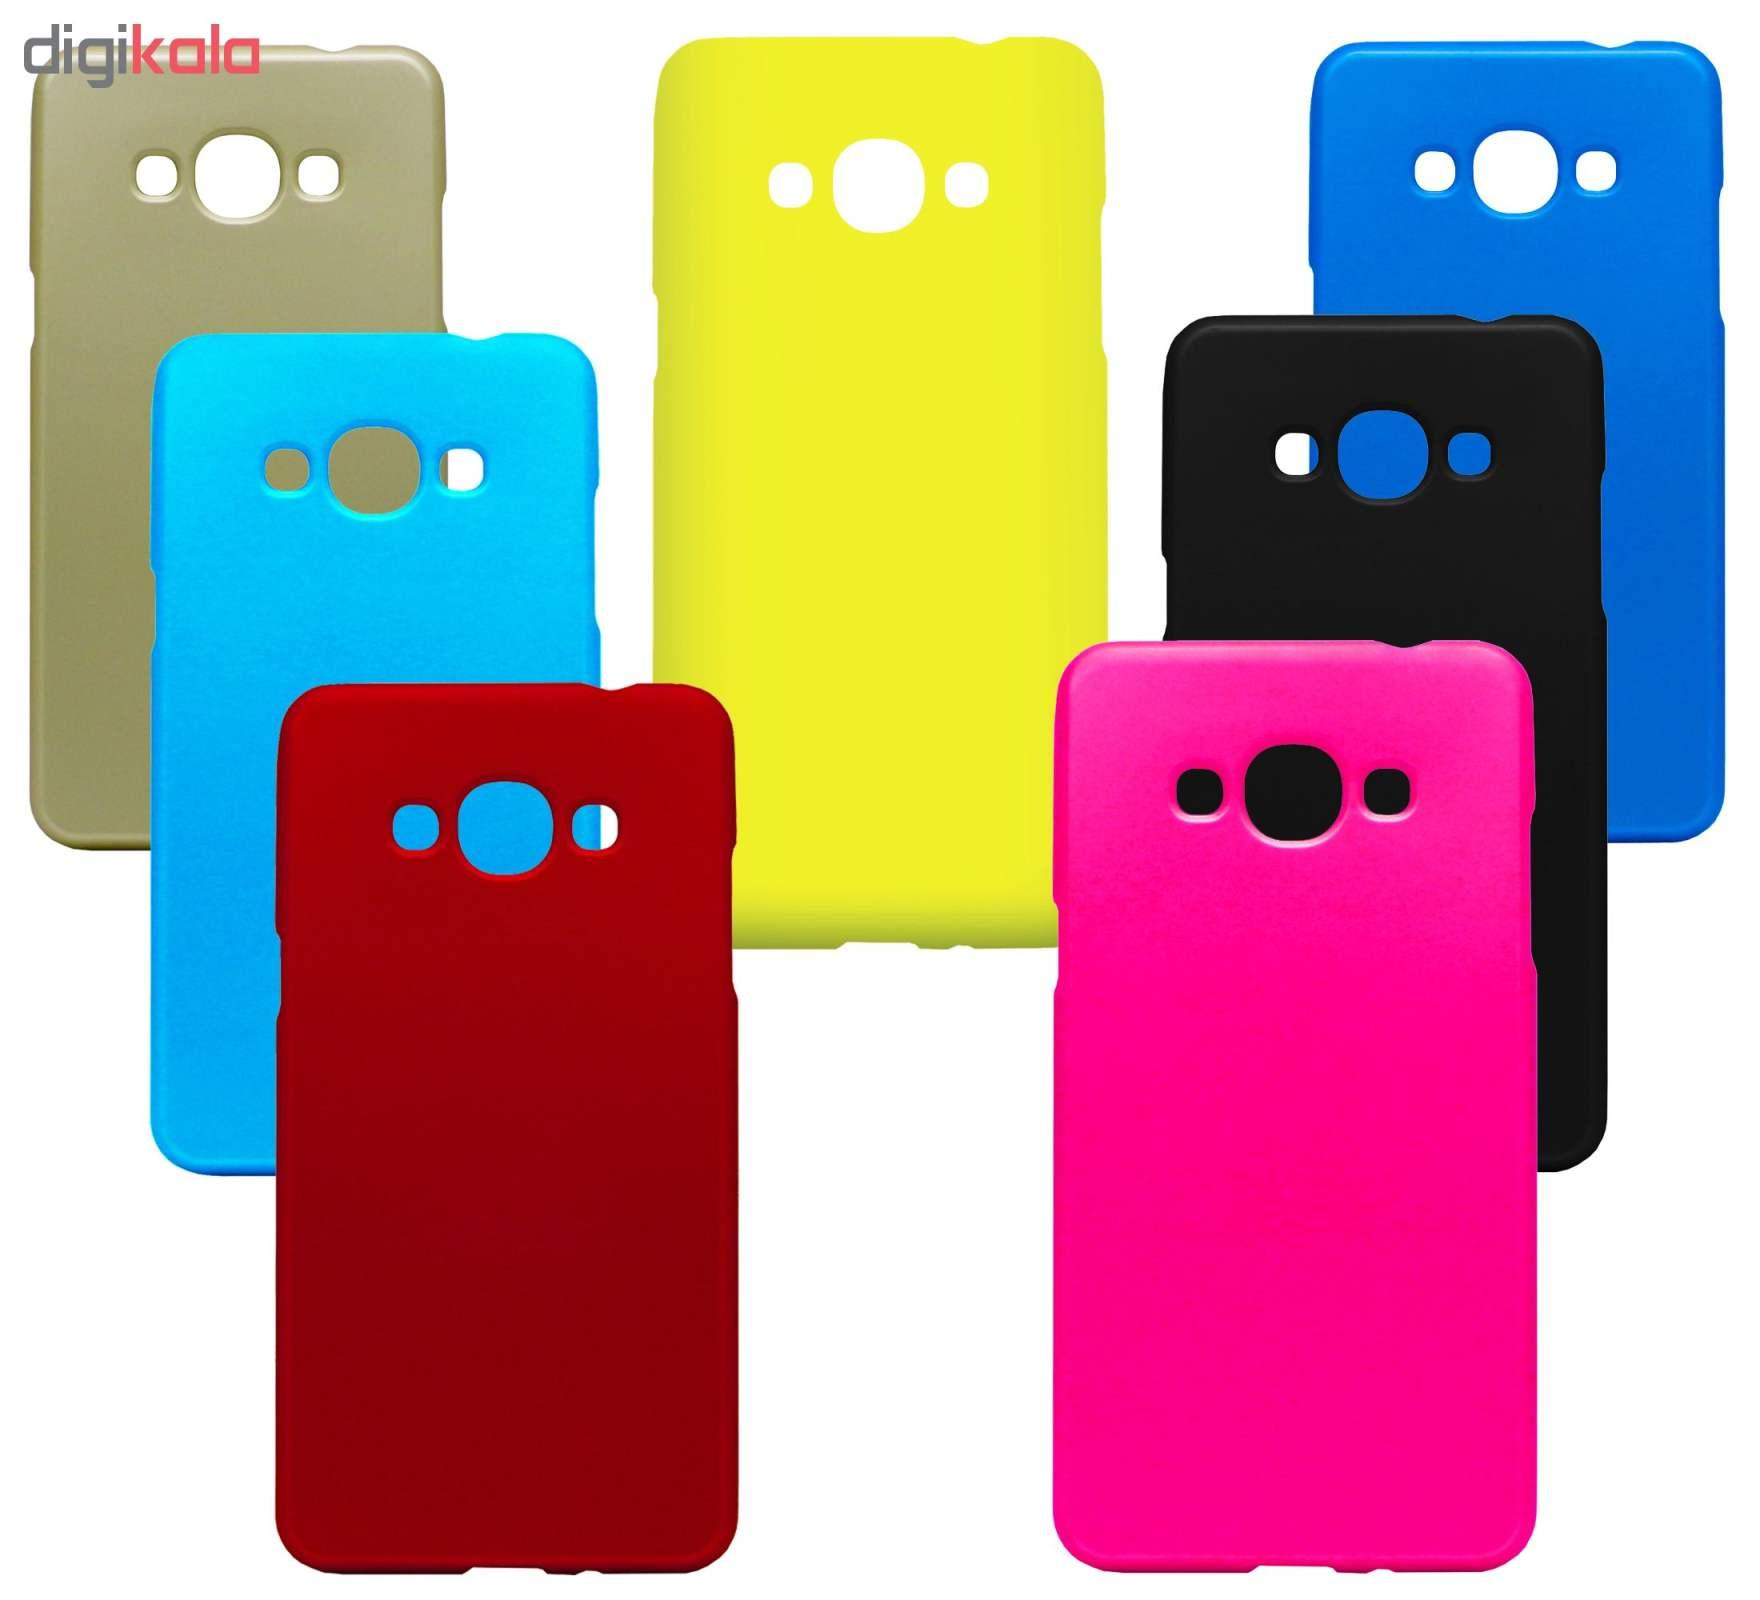 کاور مدل S-51 مناسب برای گوشی موبایل سامسونگ Galaxy J3 Pro 2016 main 1 1